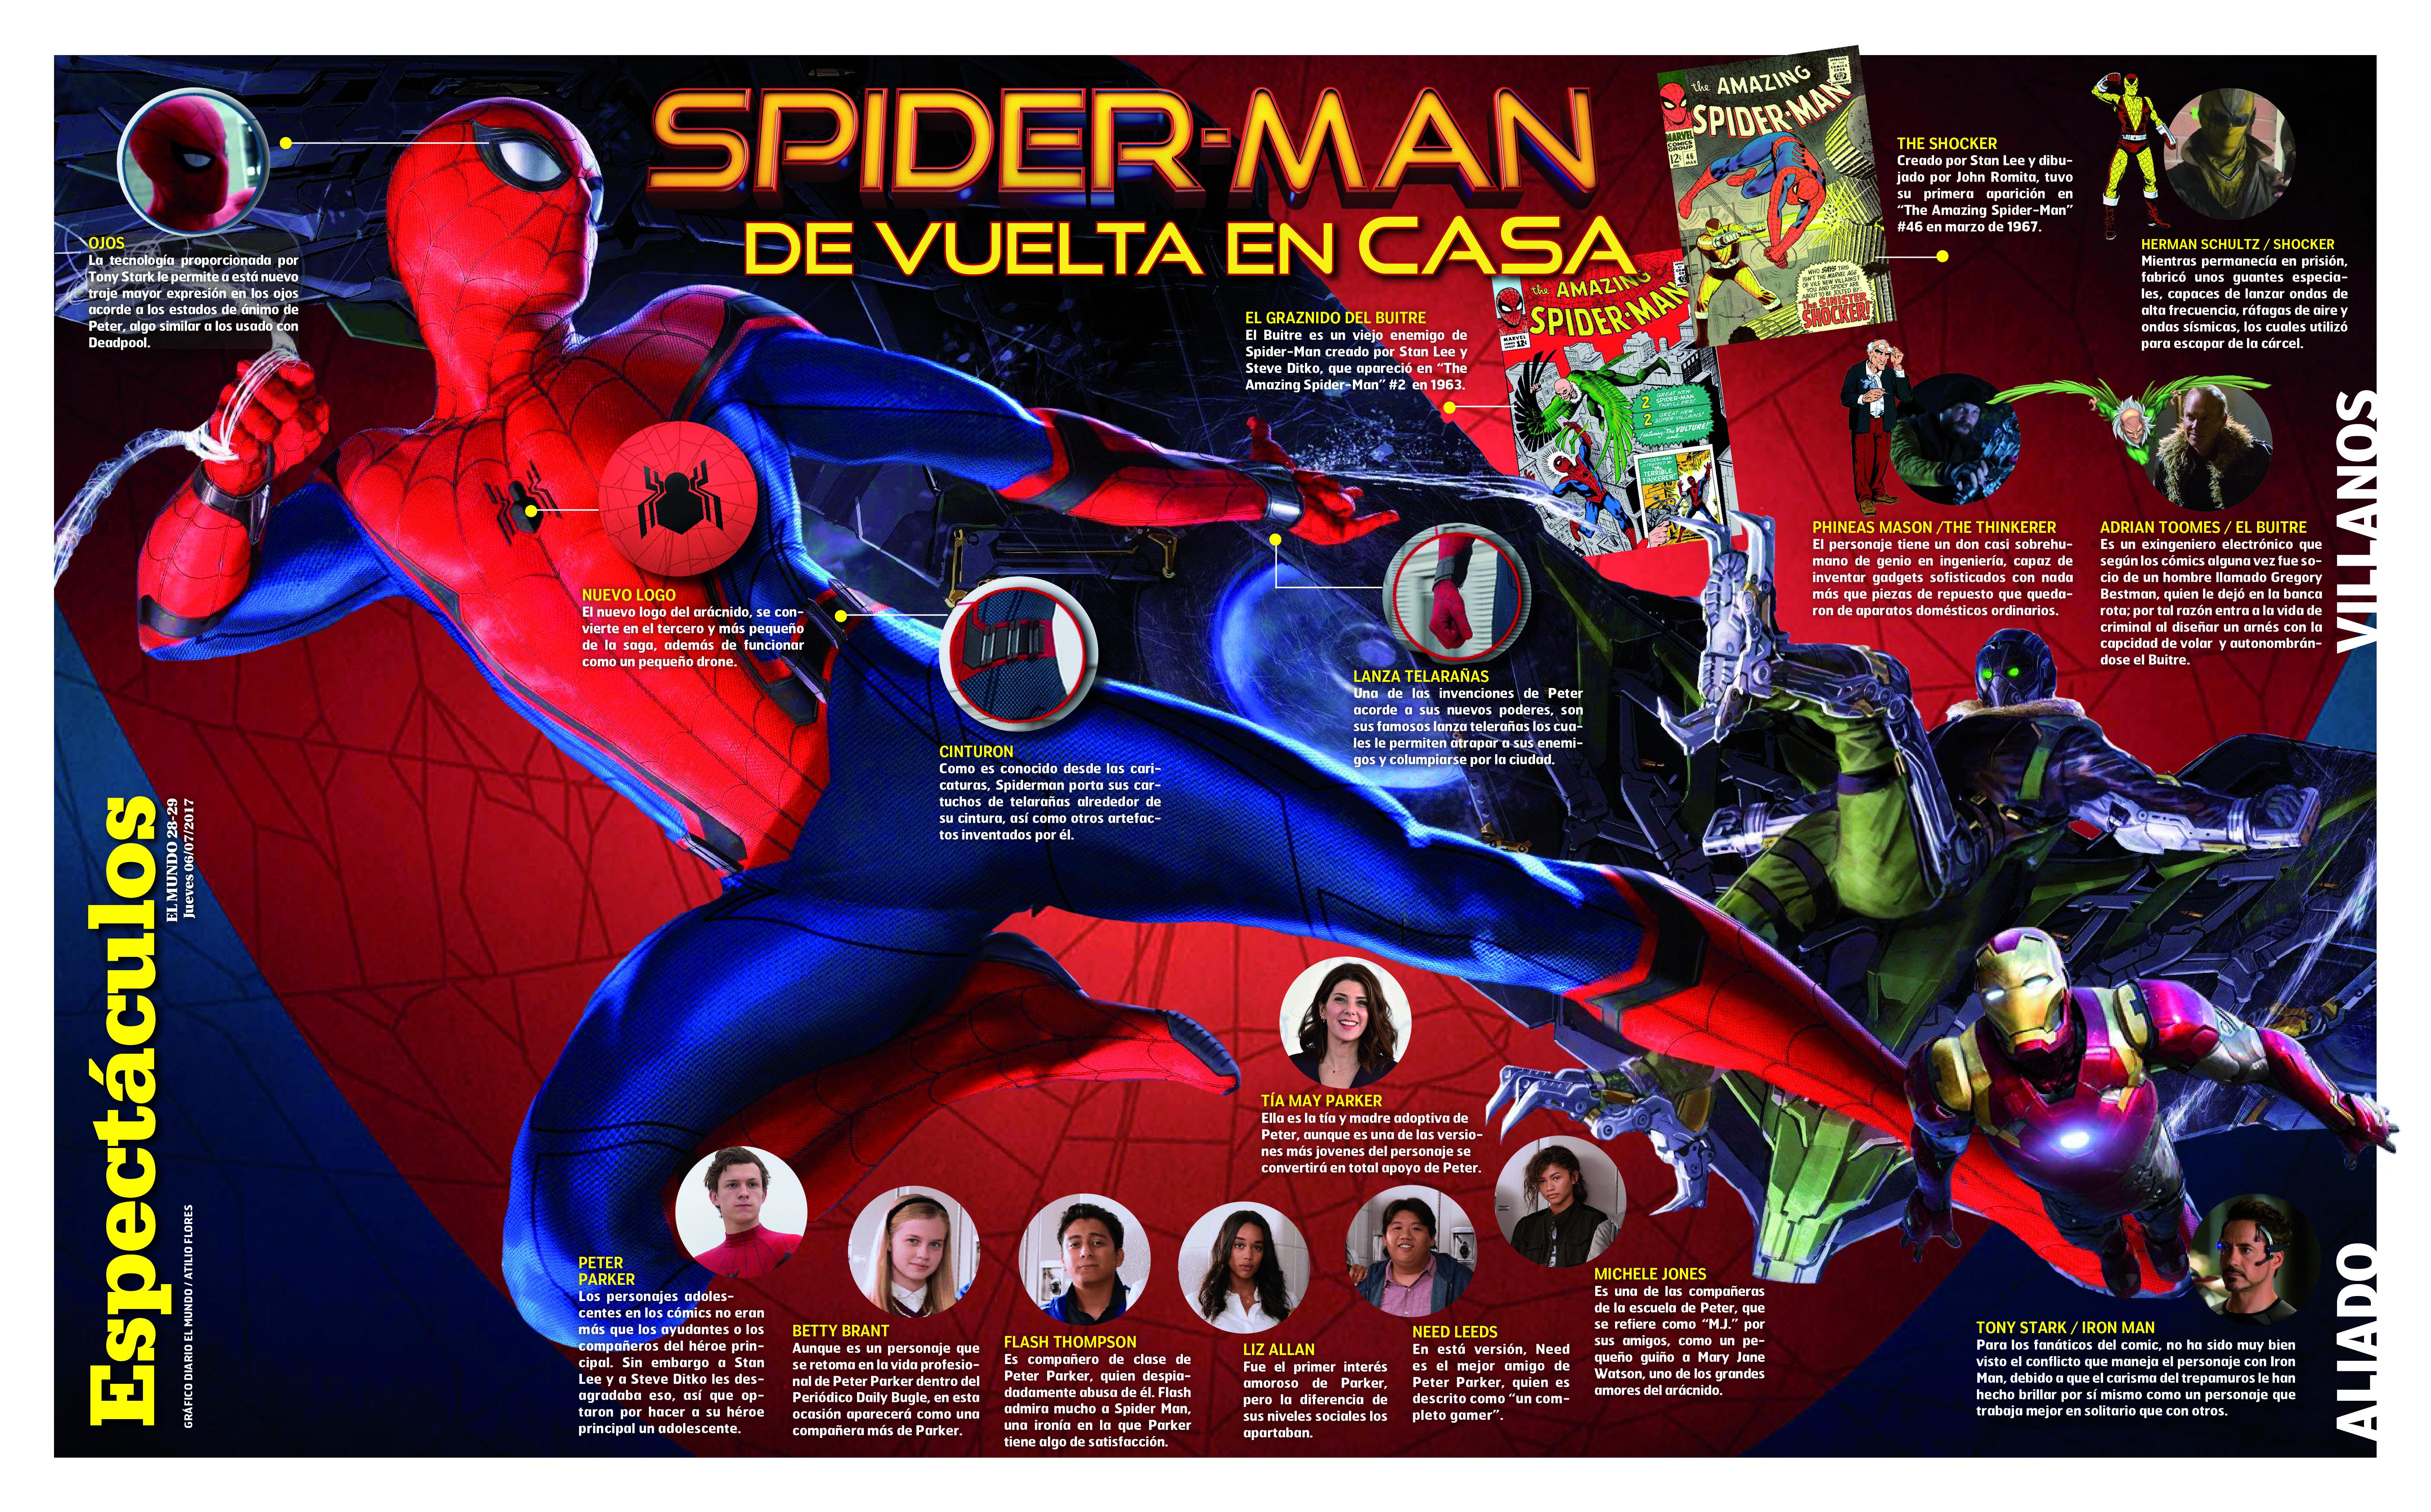 Spider-Man: De Regreso a Casa: top de críticas, reseñas y calificaciones